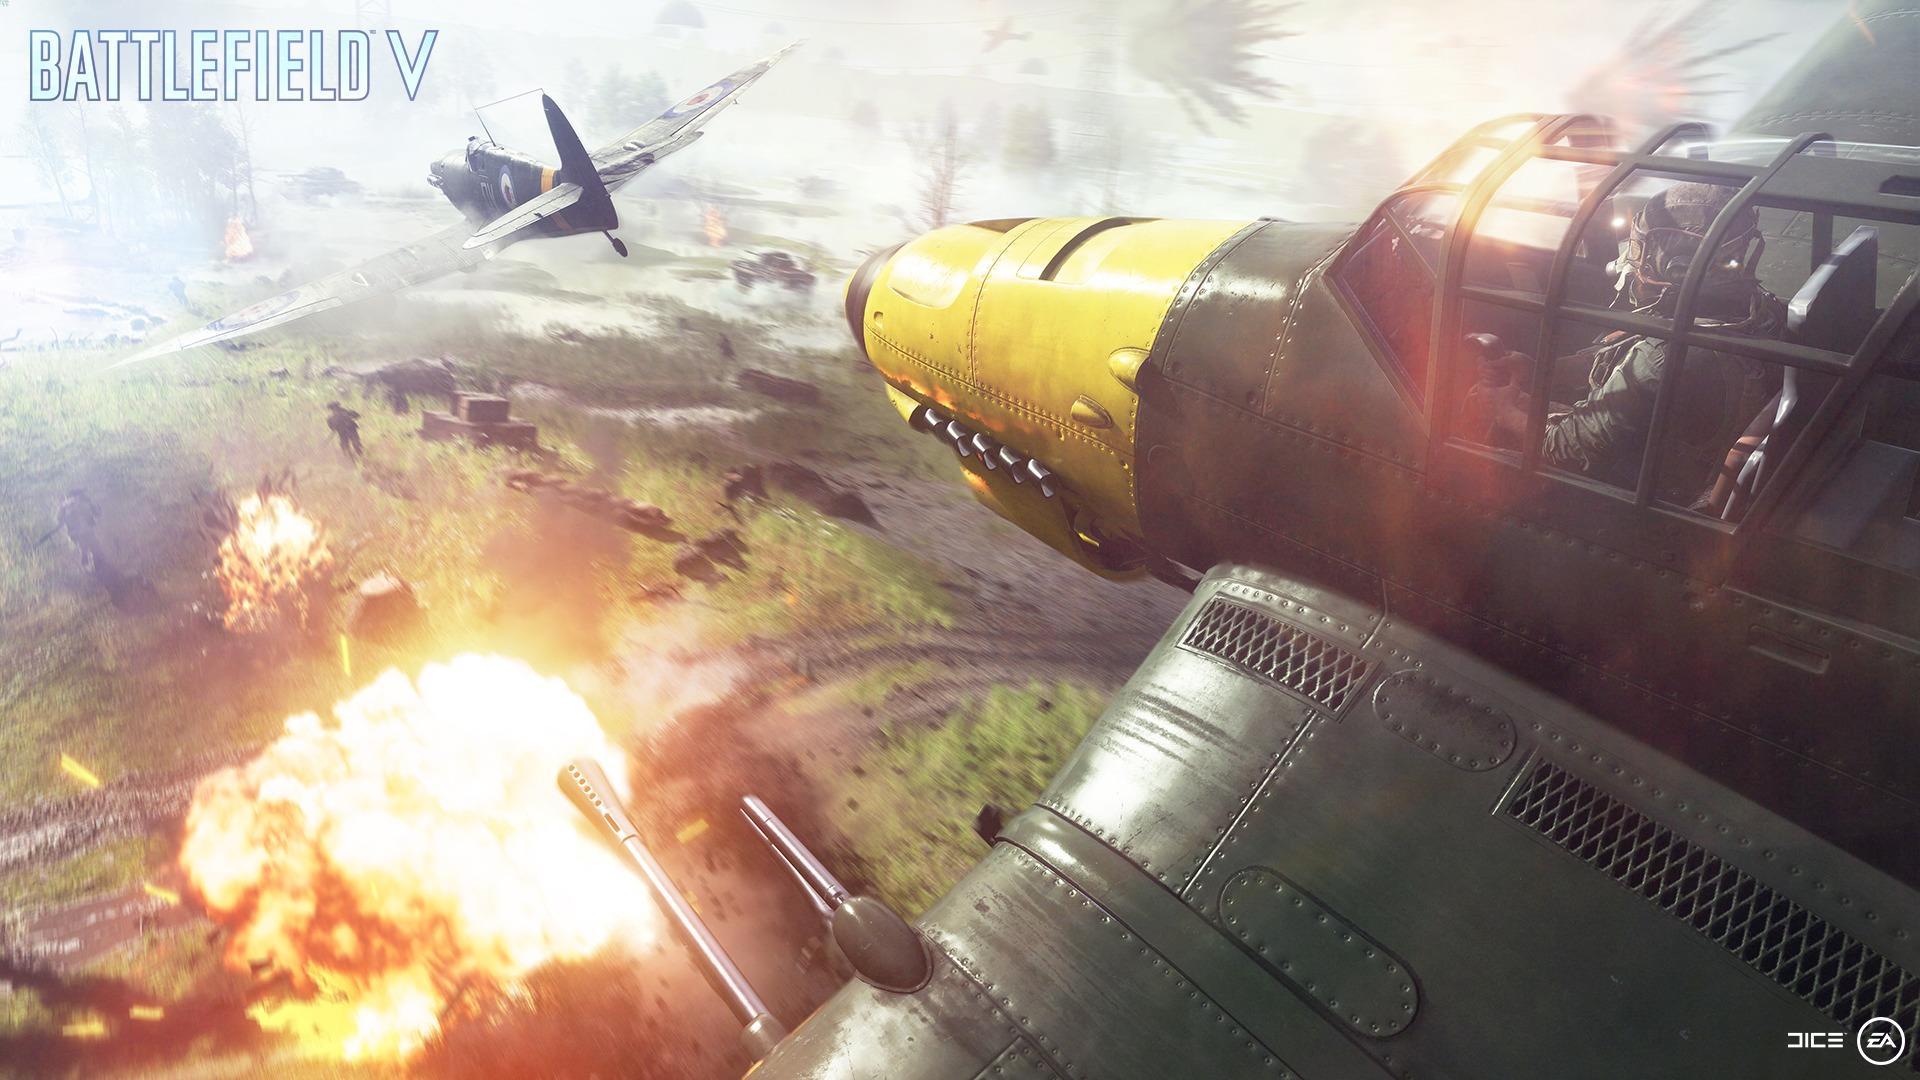 """Skal du spille """"Battlefield V""""? Da bør PC-en din ha minst disse spesifikasjonene."""